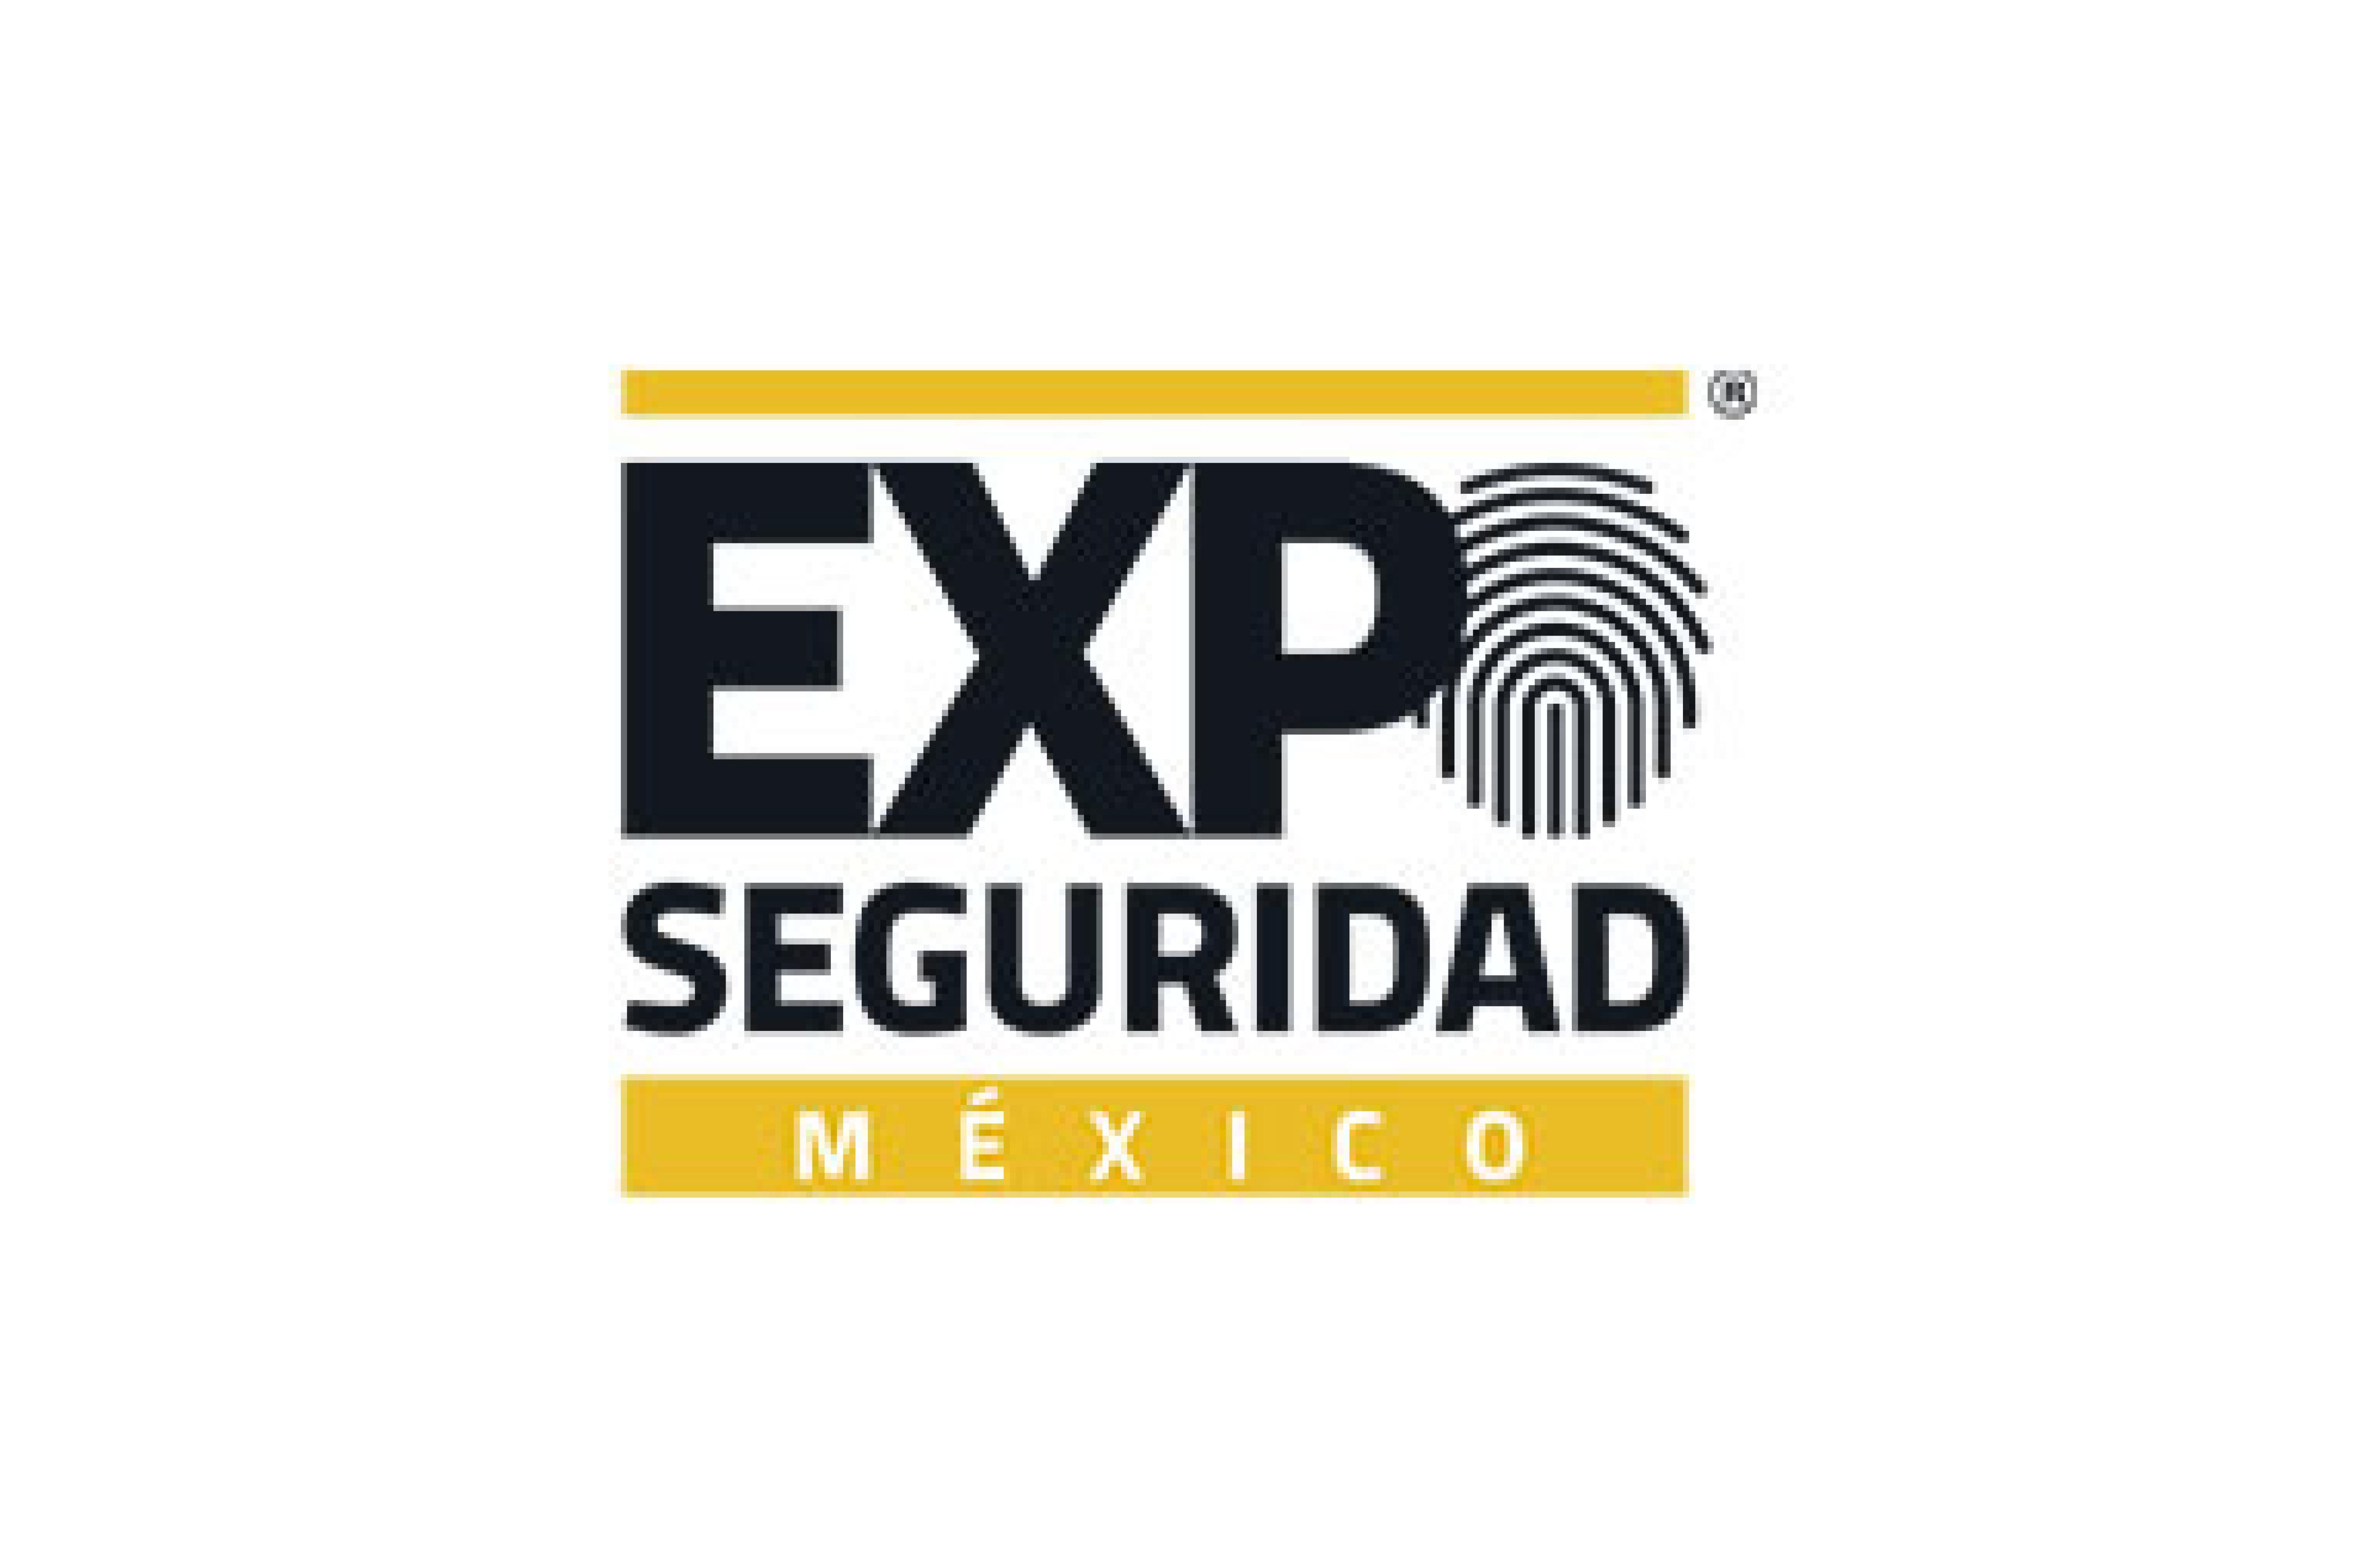 EXP Securgdad